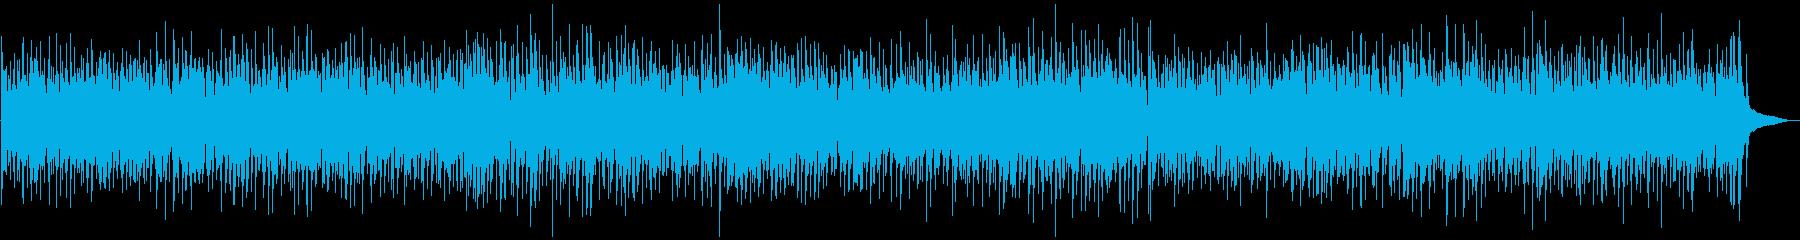 カフェでくつろぐピアノブギの再生済みの波形